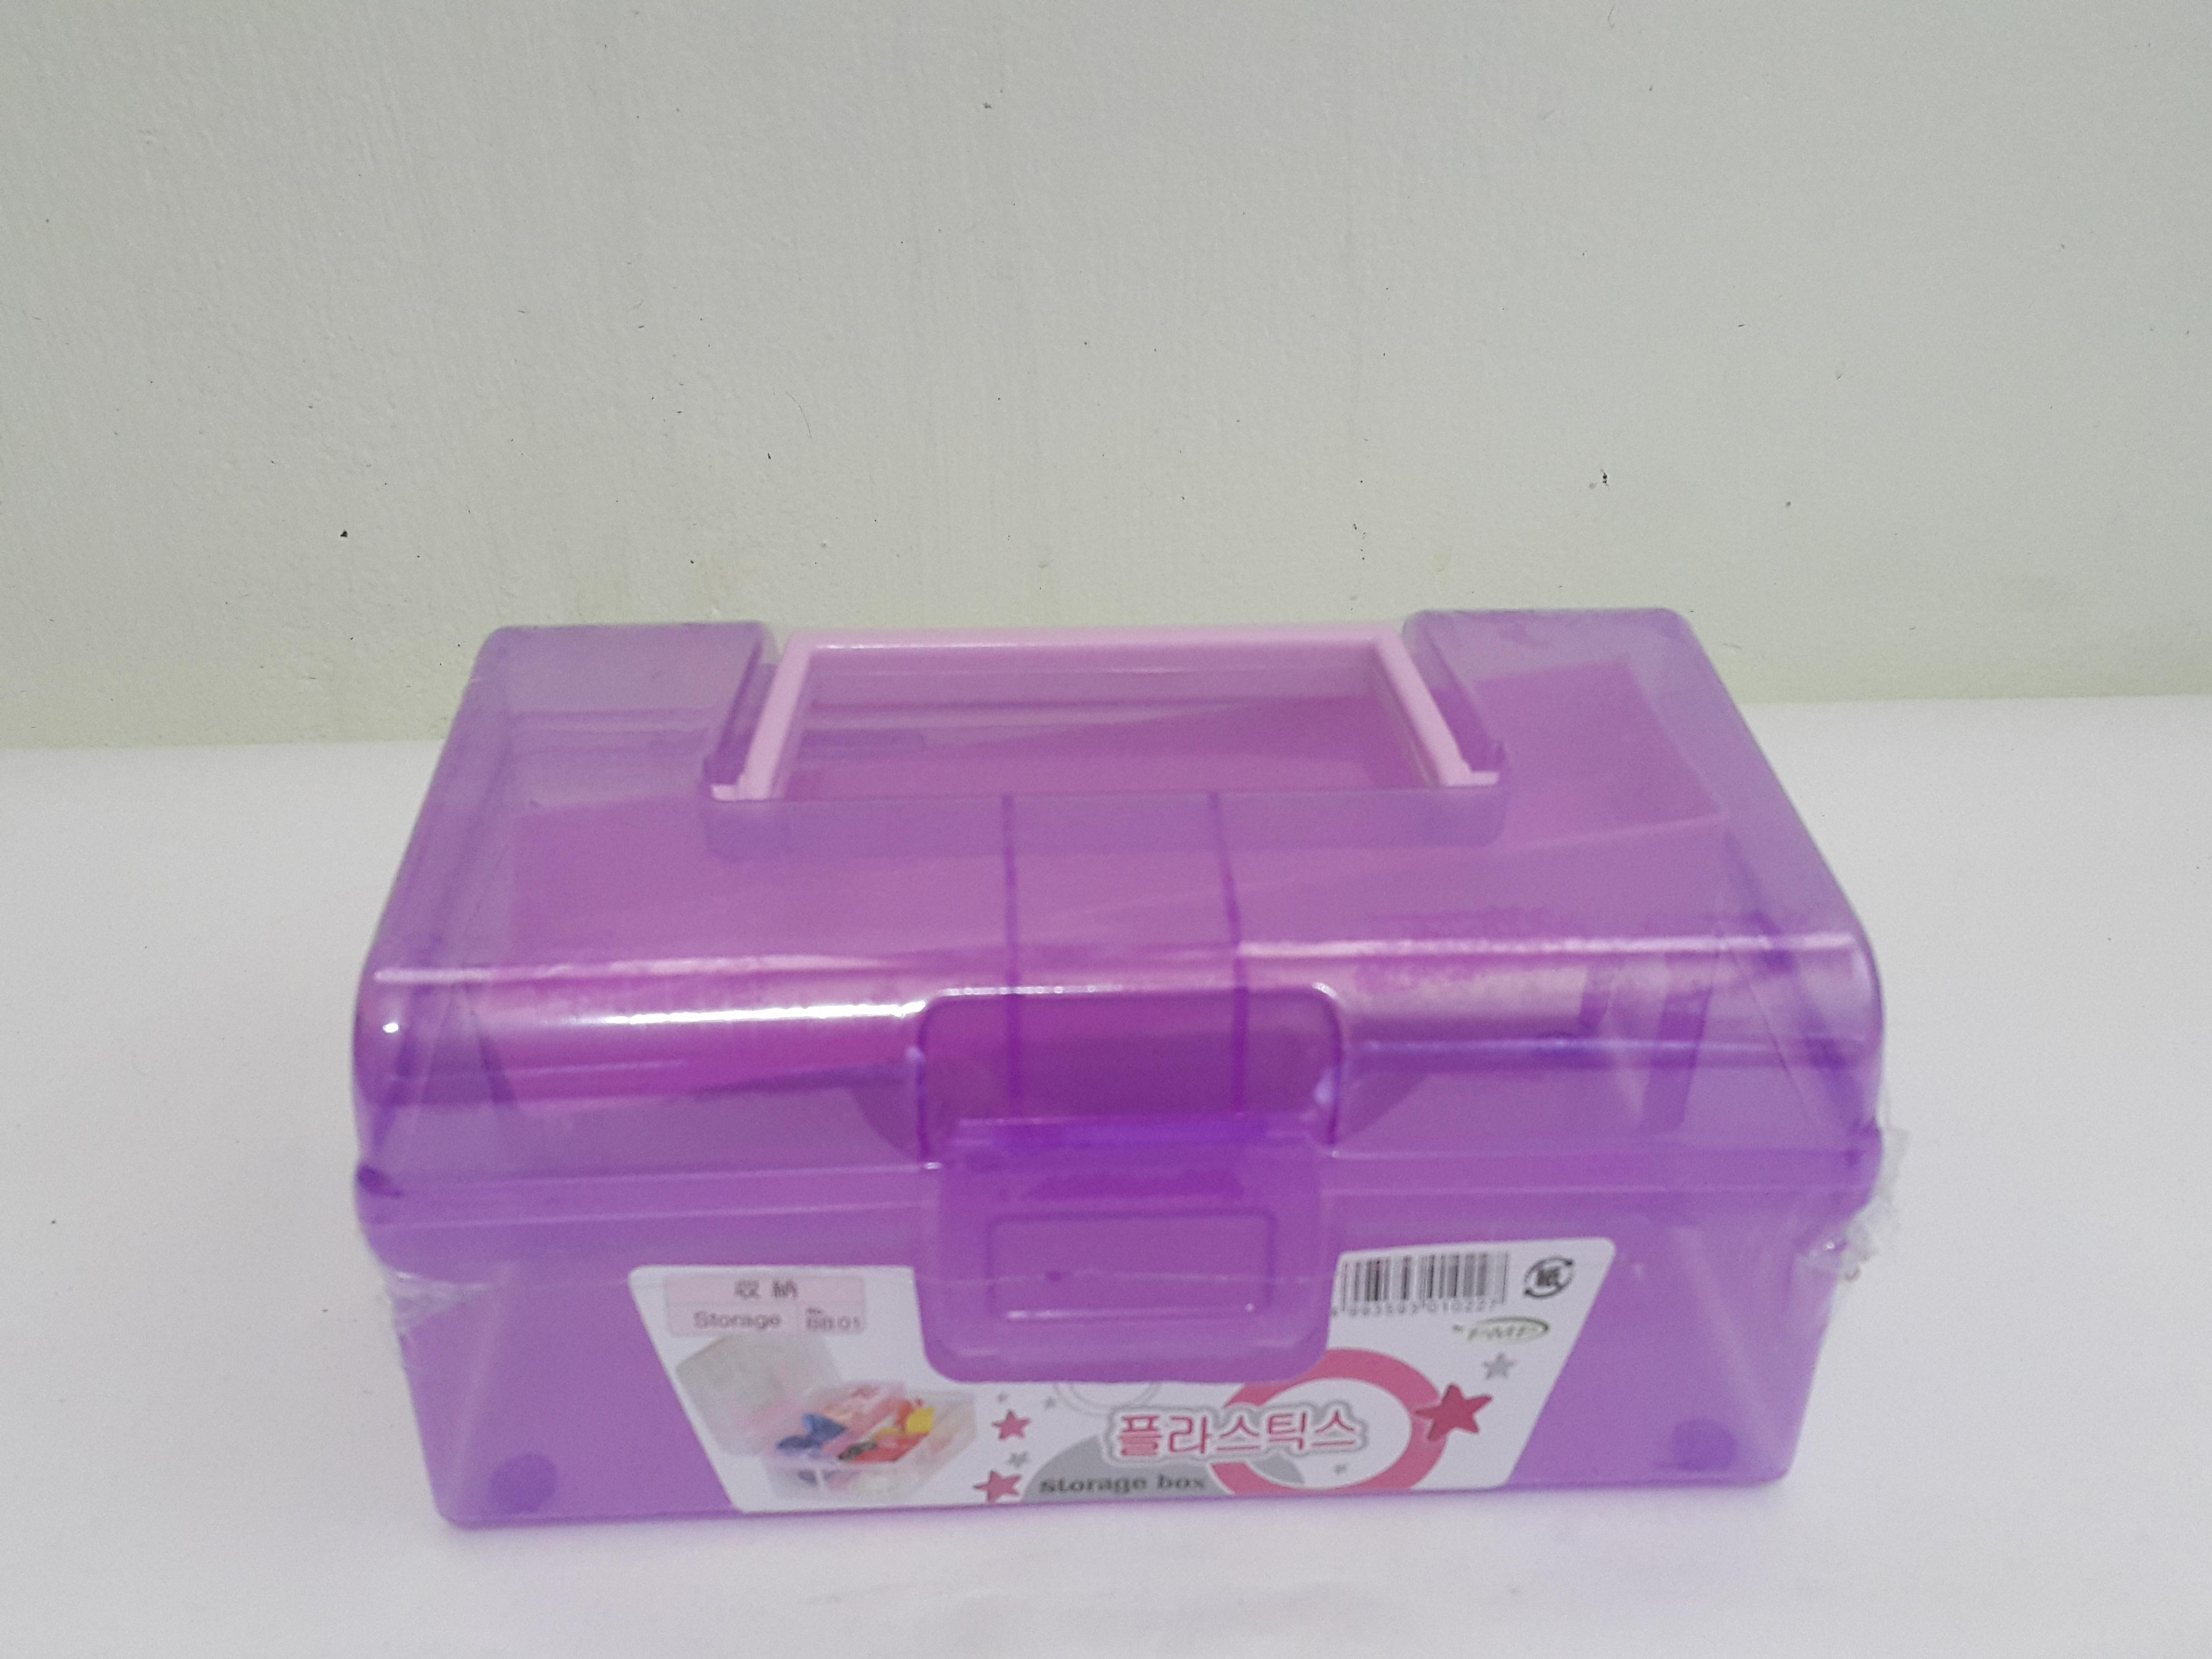 กล่องพลาสติกมีหูหิ้ว สีม่วง (A003)